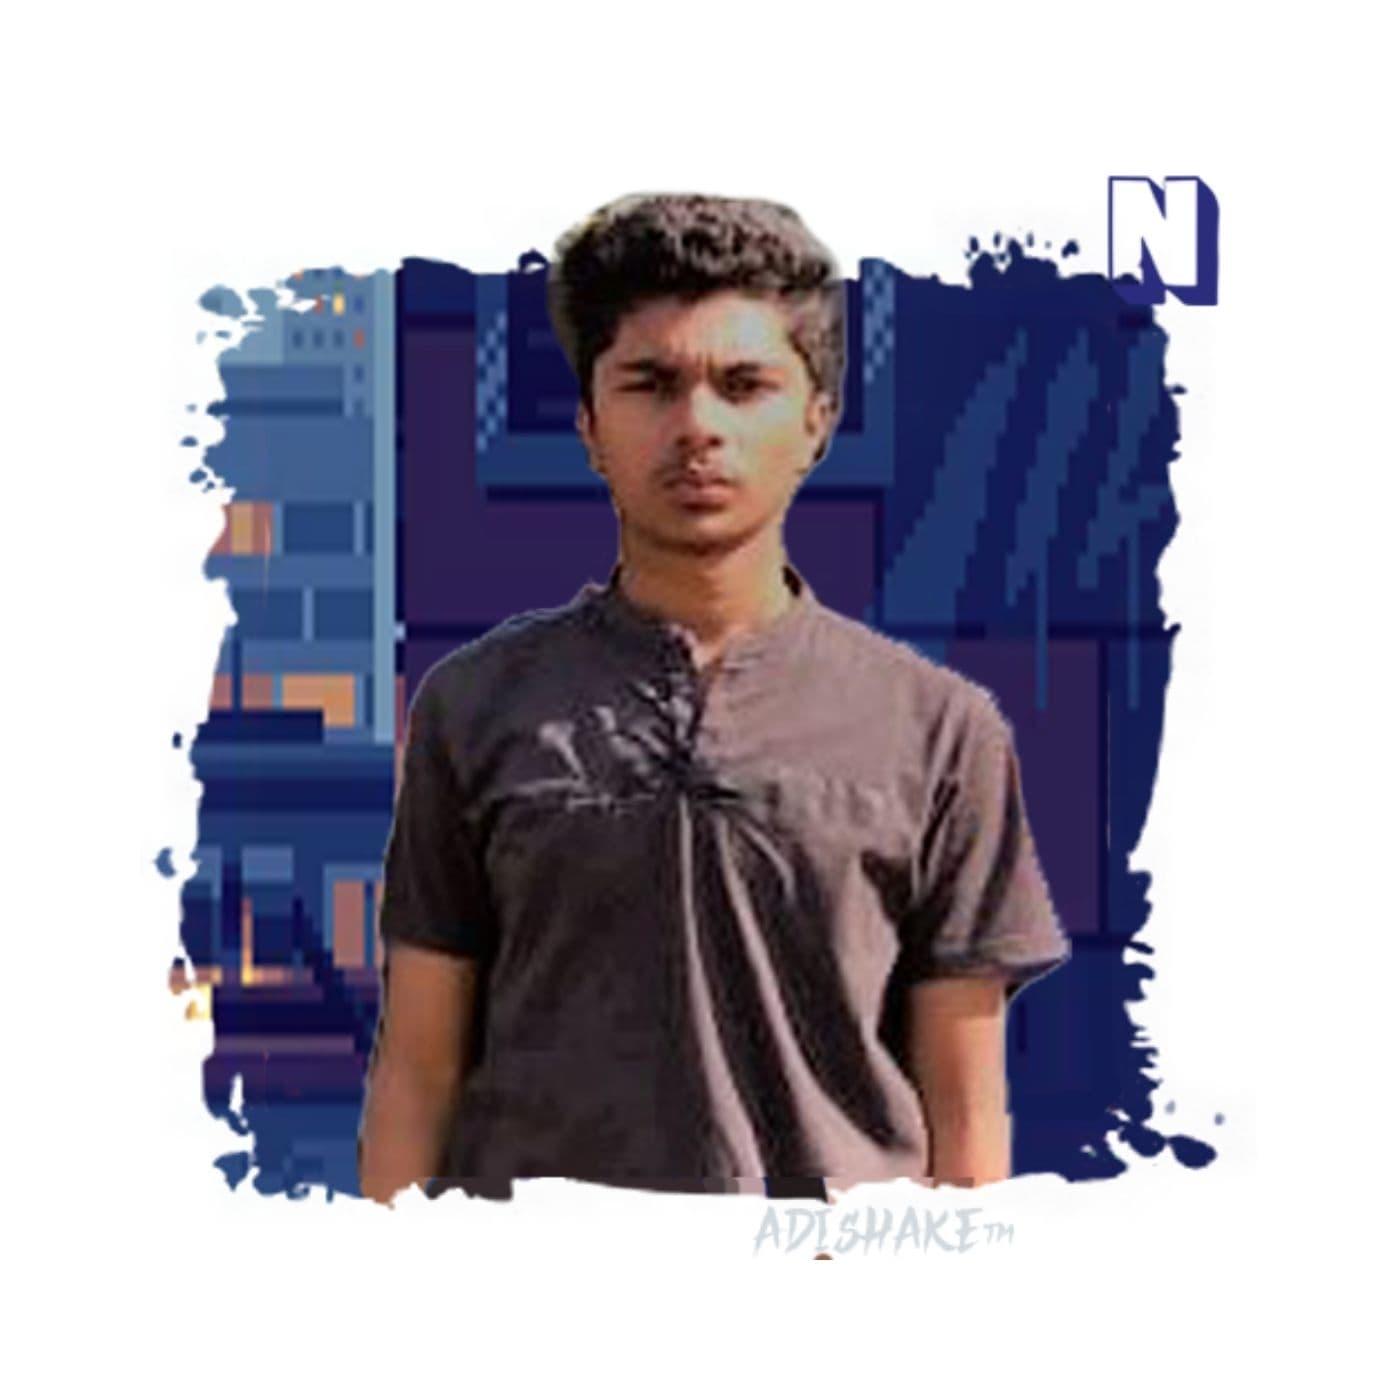 Adishake